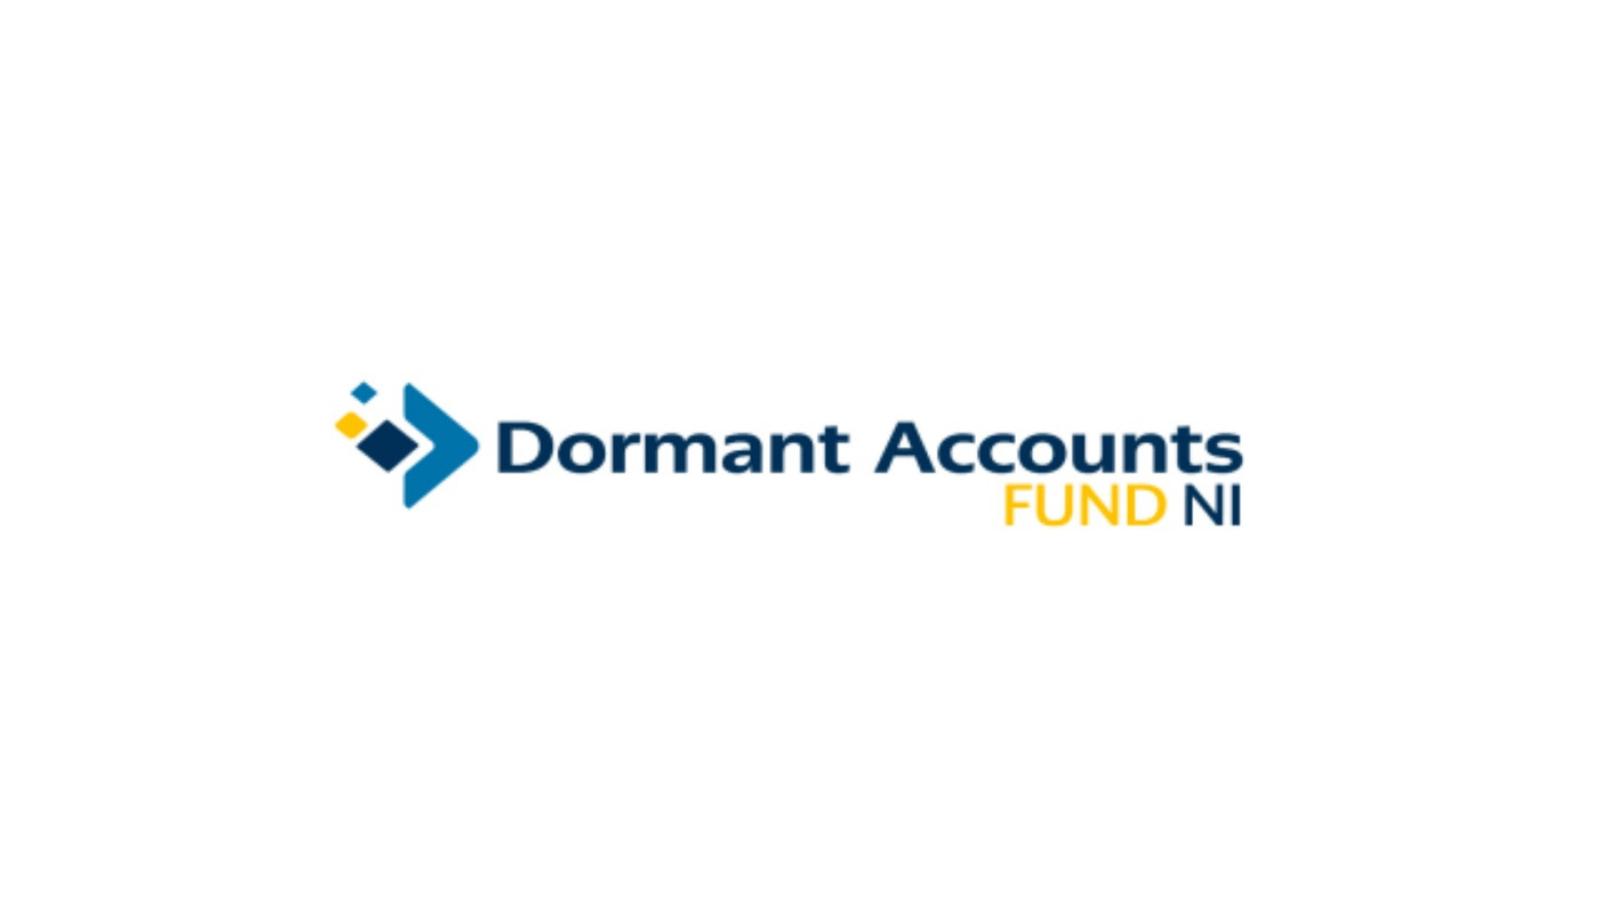 Dormant Accounts TNL